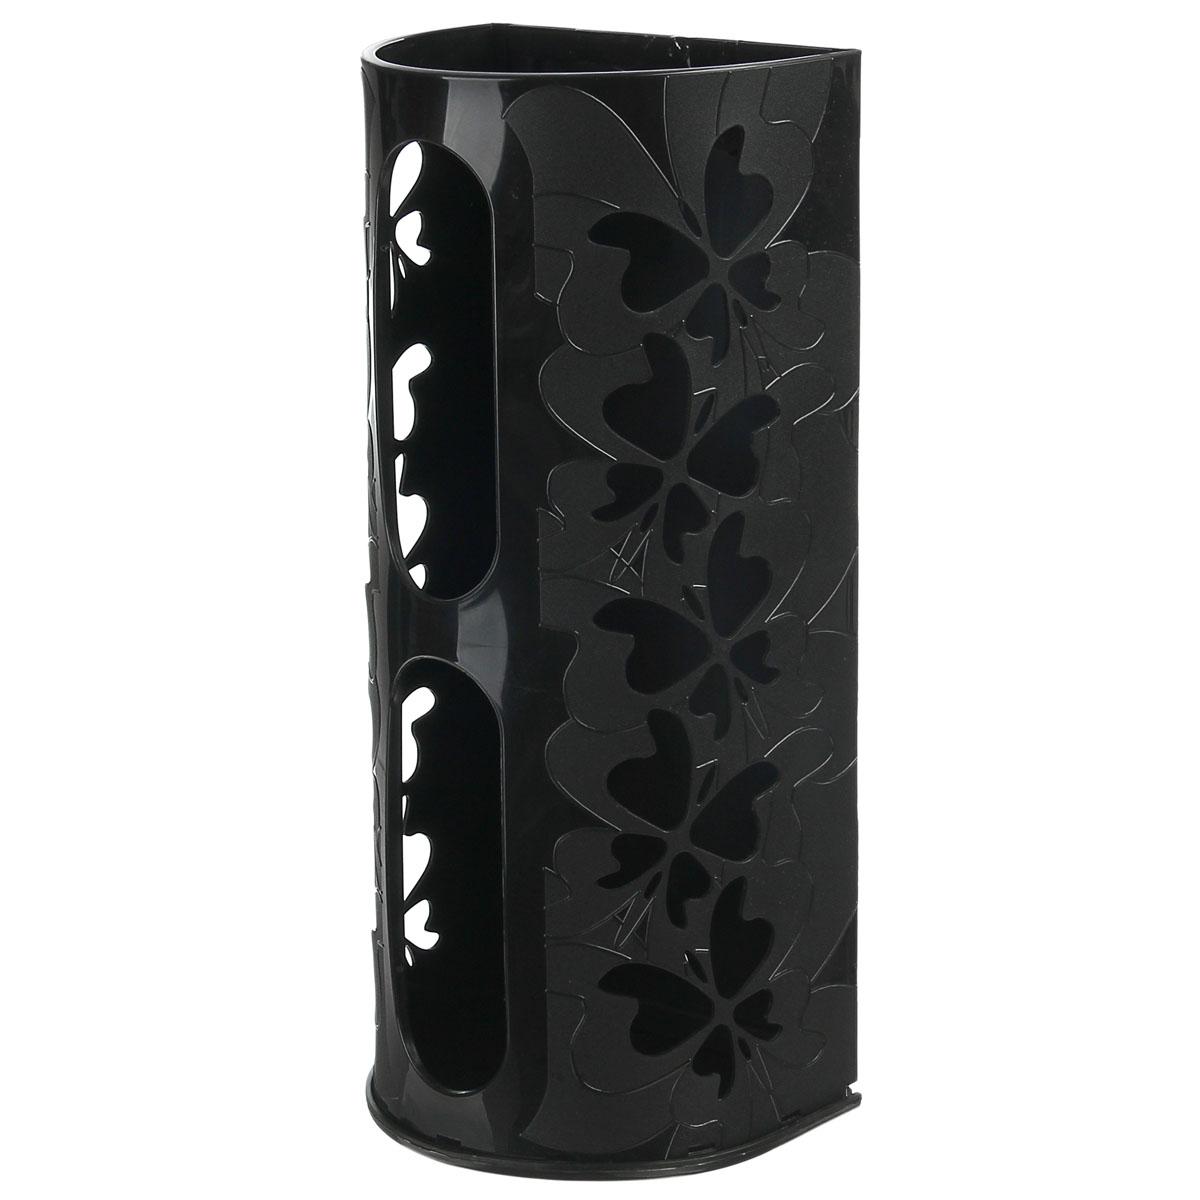 Корзина для пакетов Berossi Fly, цвет: черныйCLP446Корзина для пакетов Berossi Fly, изготовлена из высококачественного пластика. Эта практичная корзина наведет порядок в кладовке или кухонном шкафу и позволит хранить пластиковые пакеты или хозяйственные сумочки во всегда доступном месте! Изделие декорировано резным изображением бабочек. Корзина просто подвешивается на дверь шкафчика изнутри или снаружи, в зависимости от назначения. Корзина для пакетов Berossi Fly будет замечательным подарком для поддержания чистоты и порядка. Она сэкономит место, гармонично впишется в интерьер и будет радовать вас уникальным дизайном.Размер корзины (в собранном виде): 37 х 13 х 16 см.